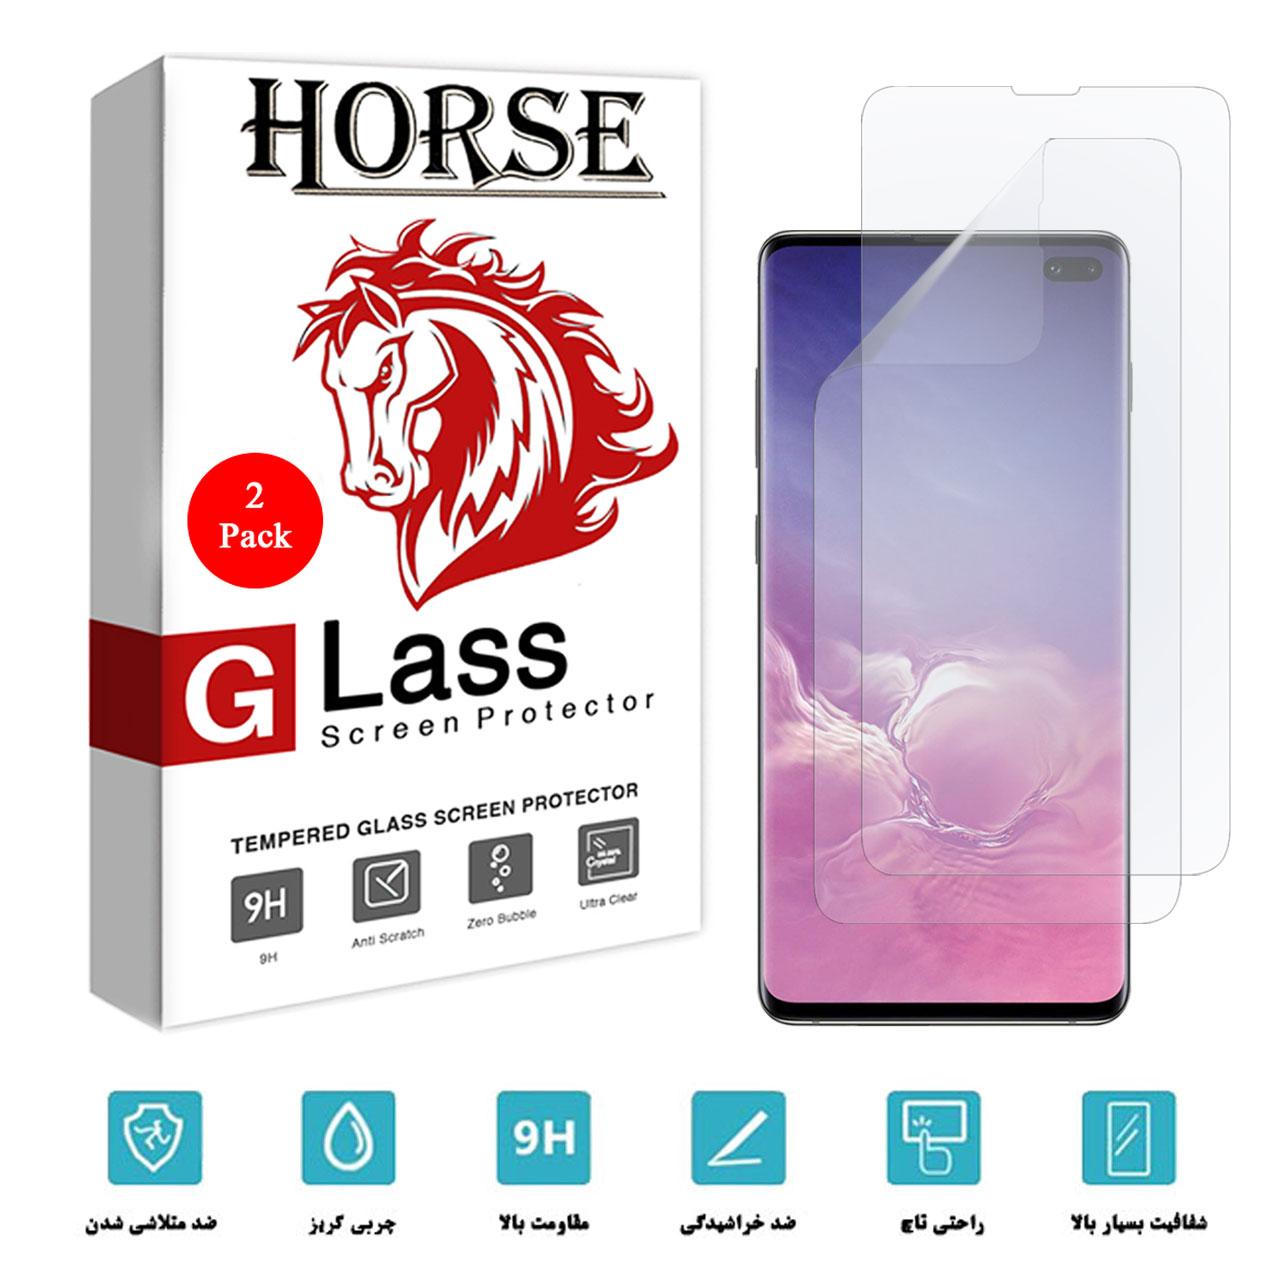 محافظ صفحه نمایش نانو هورس مدل FSN مناسب برای گوشی موبایل سامسونگ Galaxy S10 Plus بسته دو عددی main 1 2